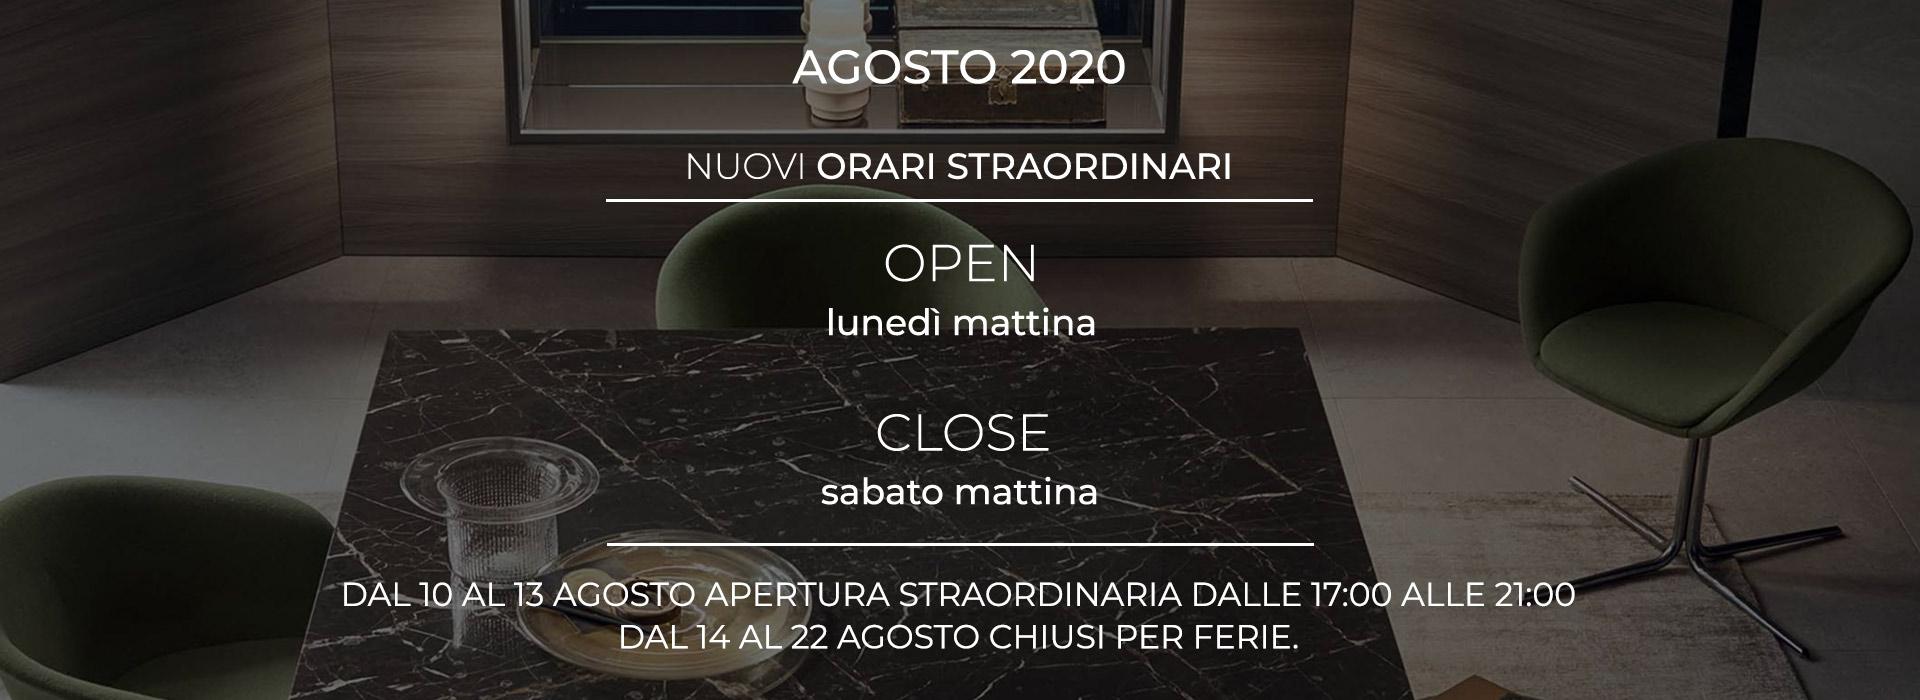 banner desktop apertura straordinaria procacci_orari_agosto